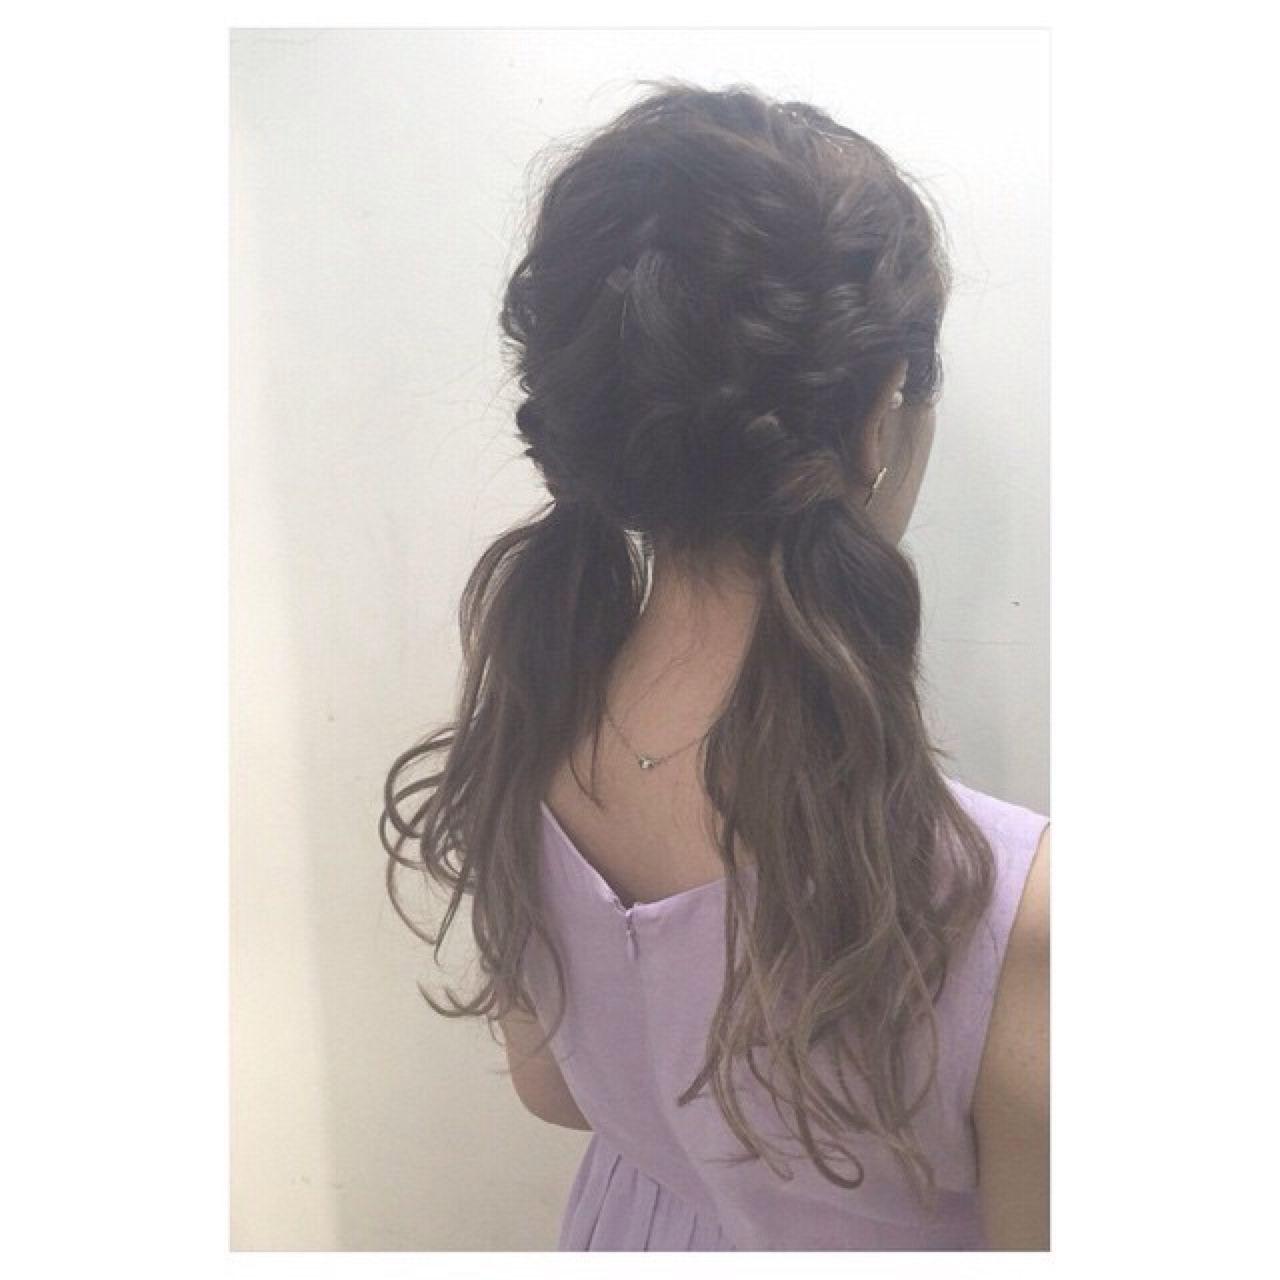 ツインテール モテ髪 ウェットヘア 愛され ヘアスタイルや髪型の写真・画像 | 関根 恵美 / FRAGMENT / FRAGMENT/meuvle